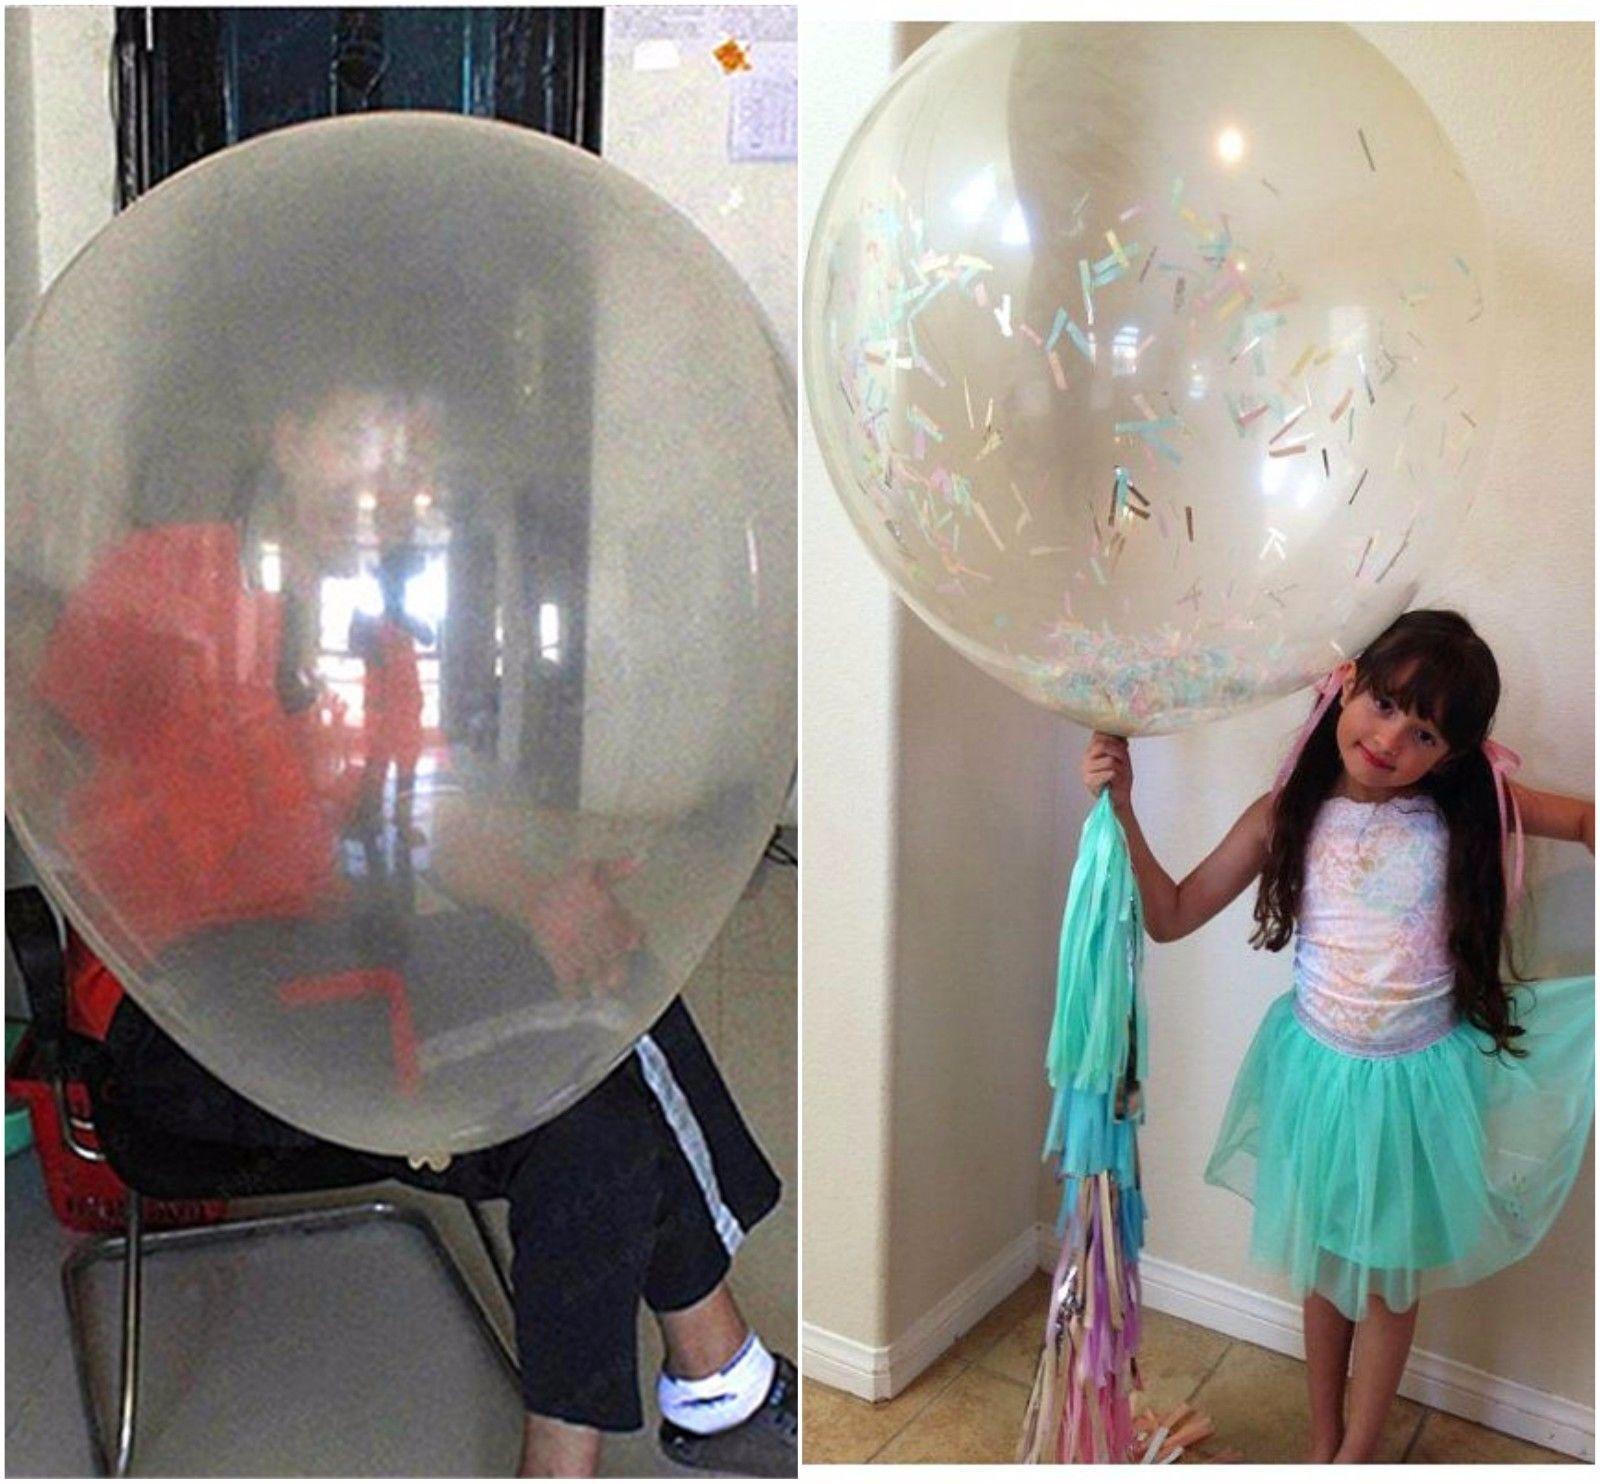 1-100 Trasparente Clear Lattice Lattice Lattice Palloncini Compleanno Decorazione Festa Matrimonio Baloons c87199